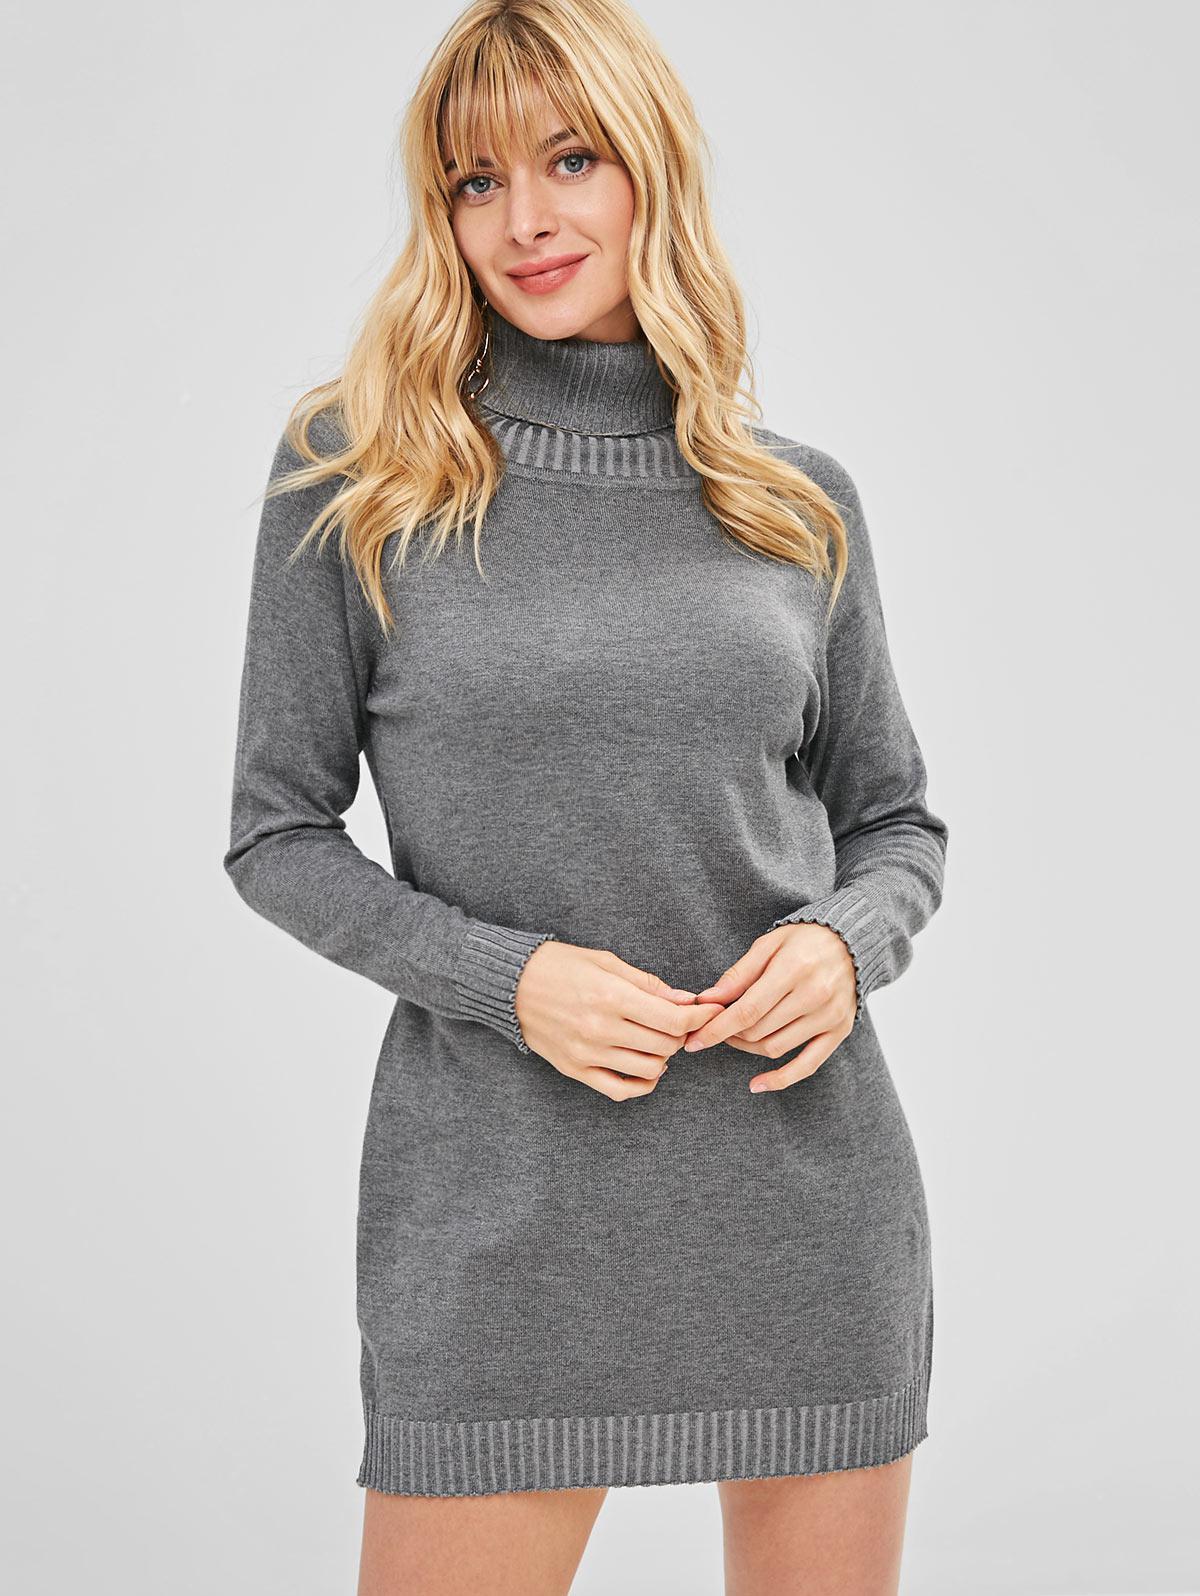 Raglan Sleeves Turtleneck Knitted Dress, Light slate gray